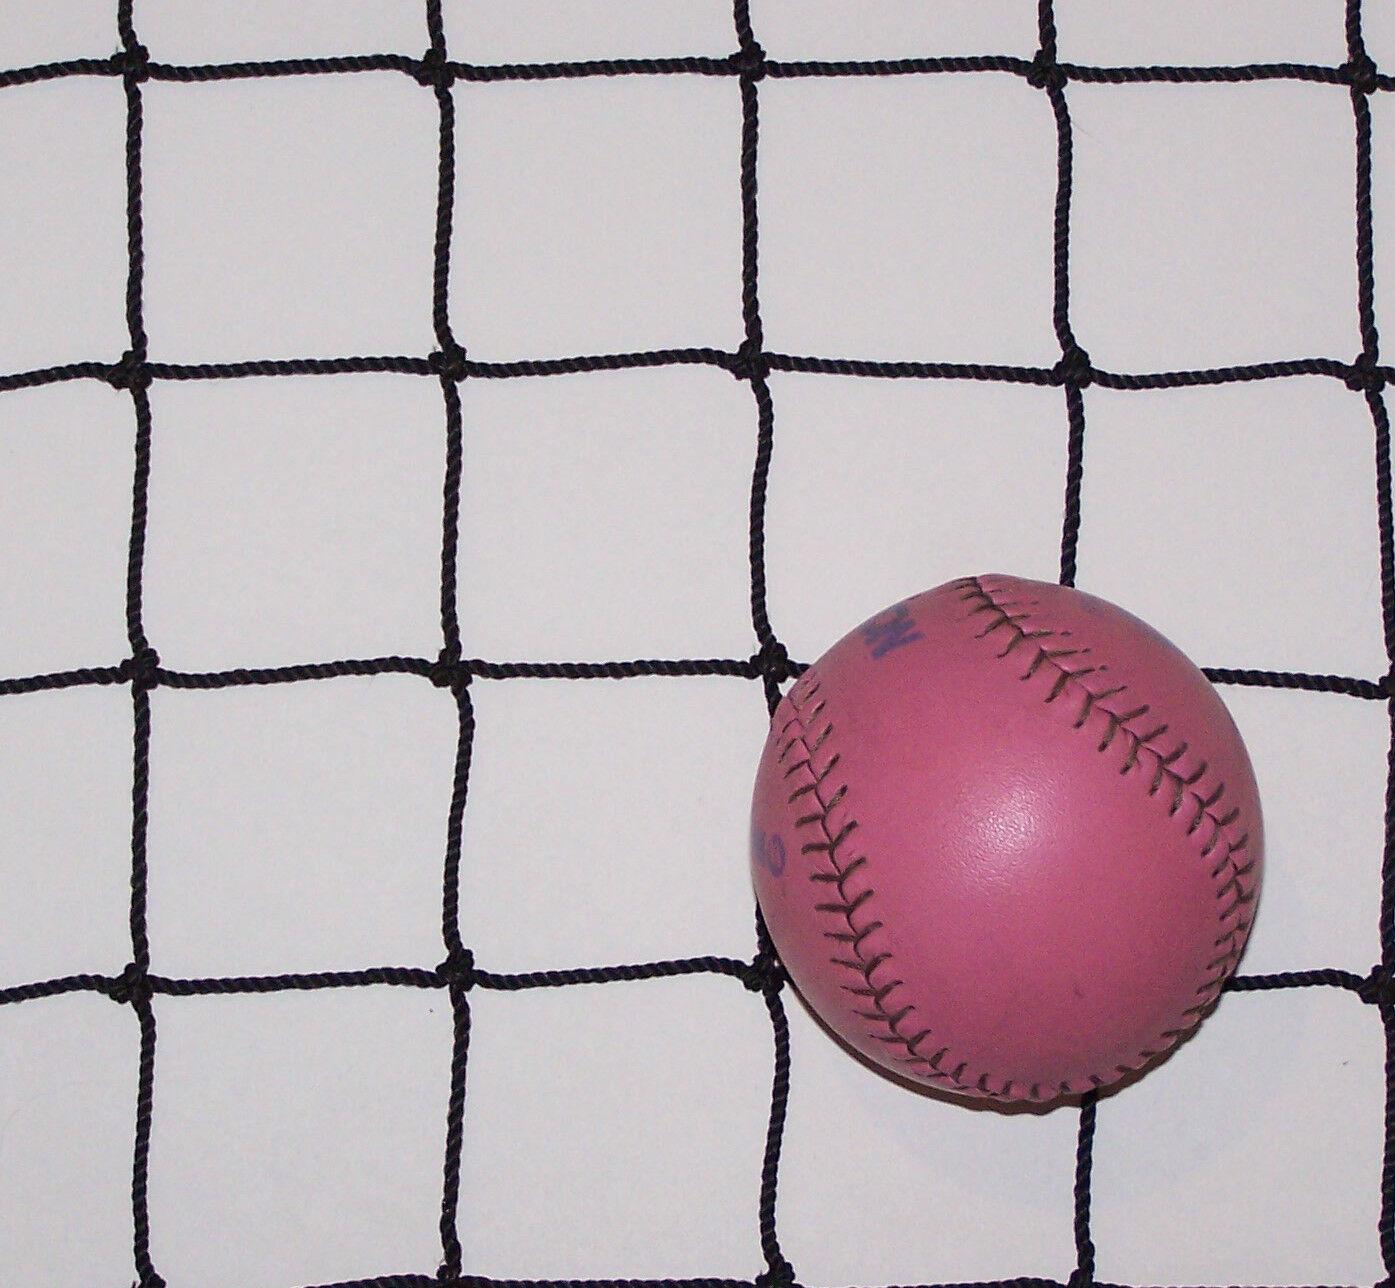 16' x 16' noir Carré Nylon Balles Rondes Cheval Foin Filet 2   42 test 400 LB (environ 181.44 kg)